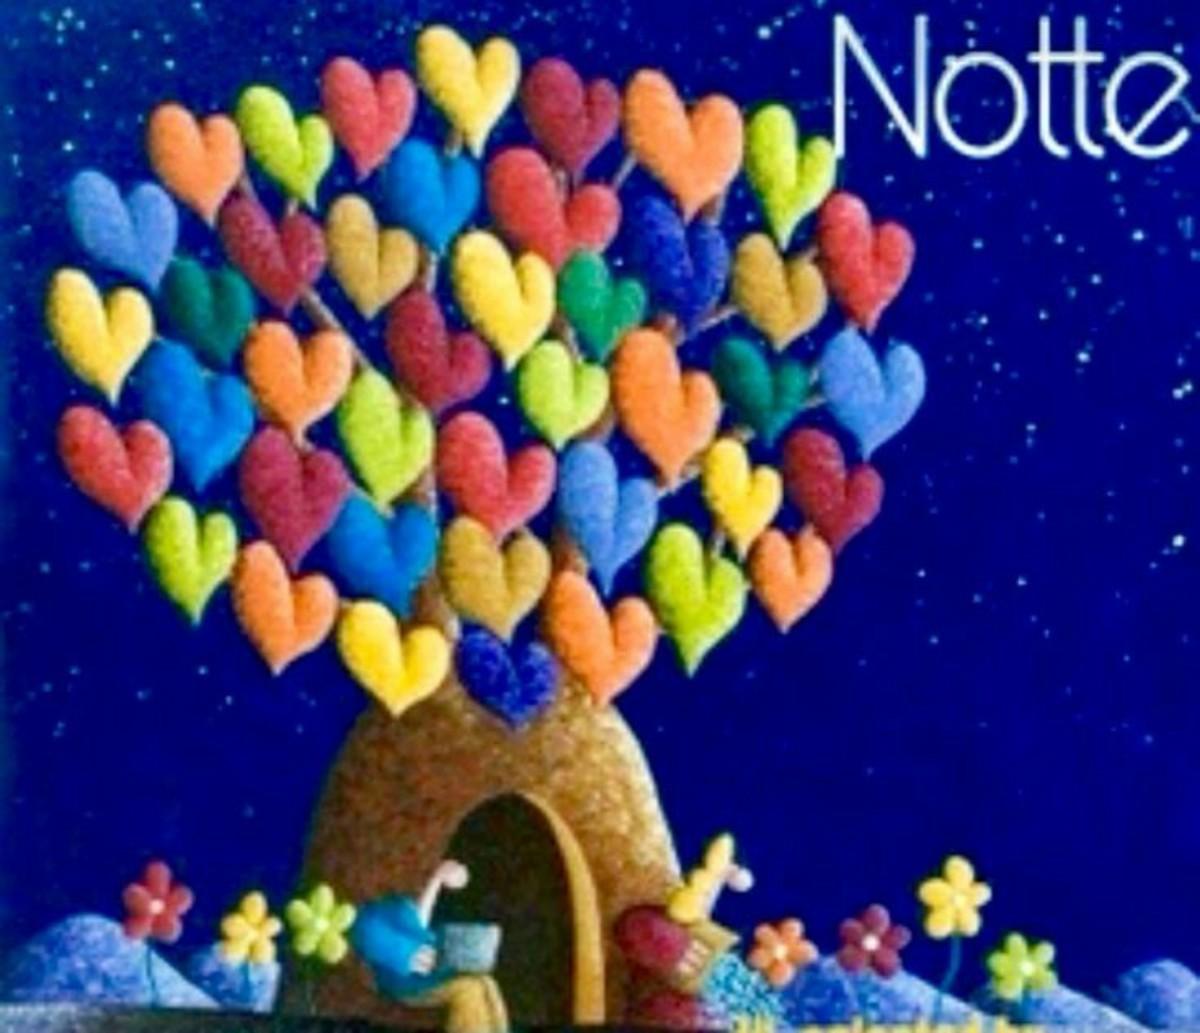 Amore Mio Buonanotte Bellissimeimmagini It